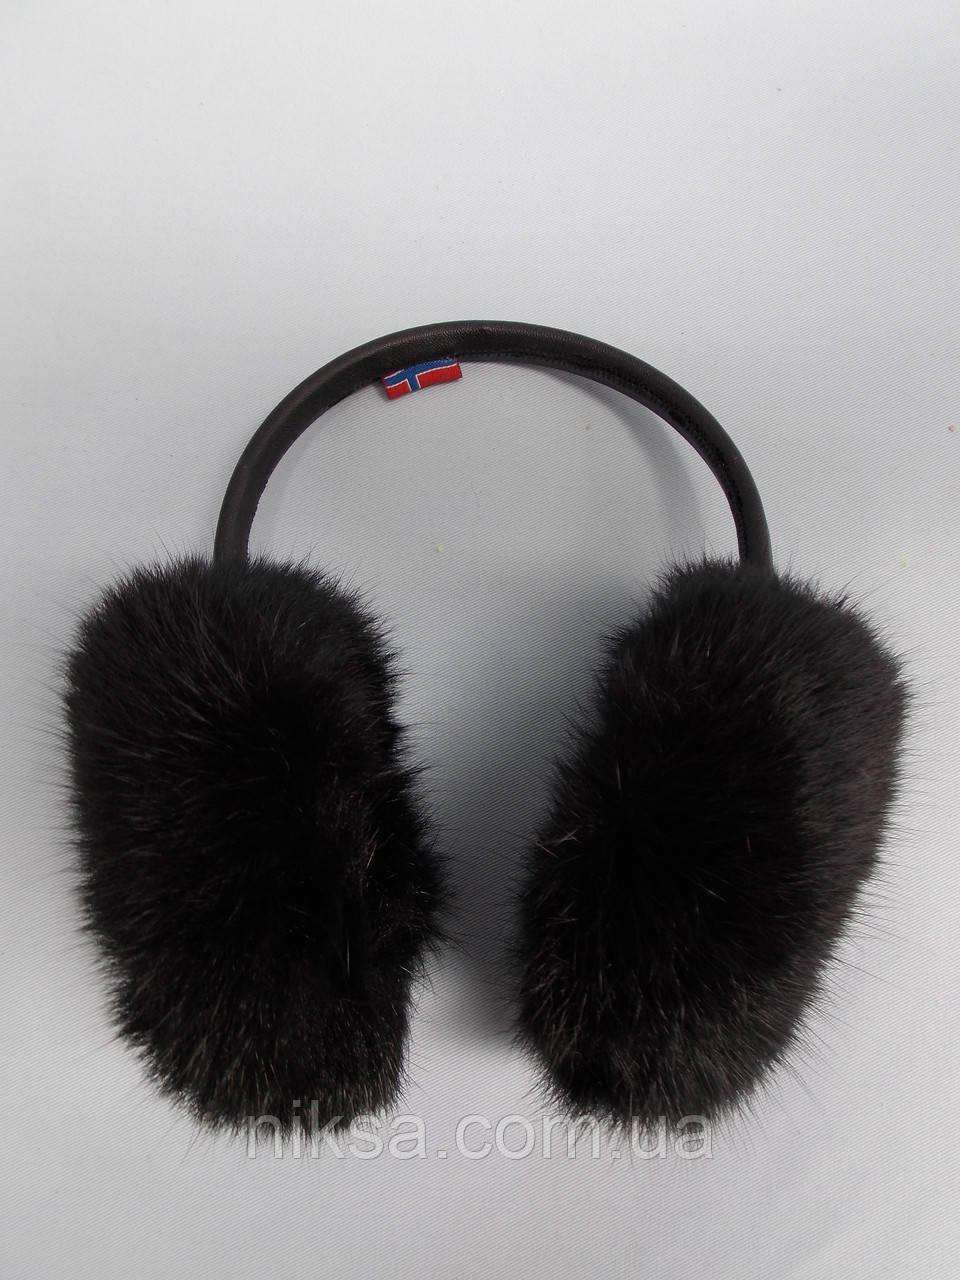 Женские меховые наушники из натурального меха кролика  продажа 214a9adbc10b0